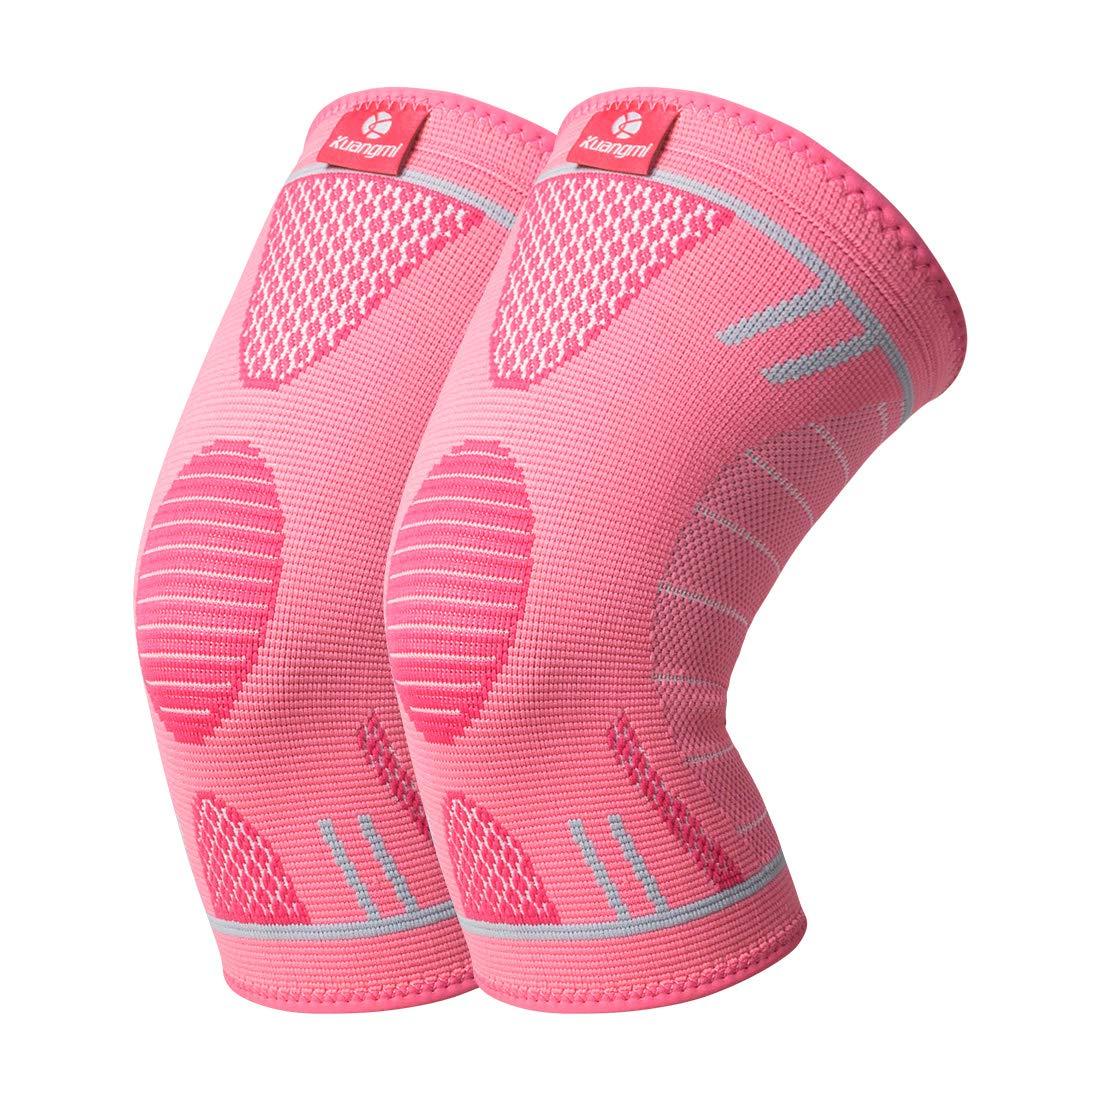 スポーツ膝圧縮スリーブブレース ランニングサポート用 ジョギング - レッグスリーブ - ふくらはぎ用ソックス - 関節炎の緩和 怪我のリハバリに B07P668ZTD Advanced Pink (Pair) Medium (Pack of 2)